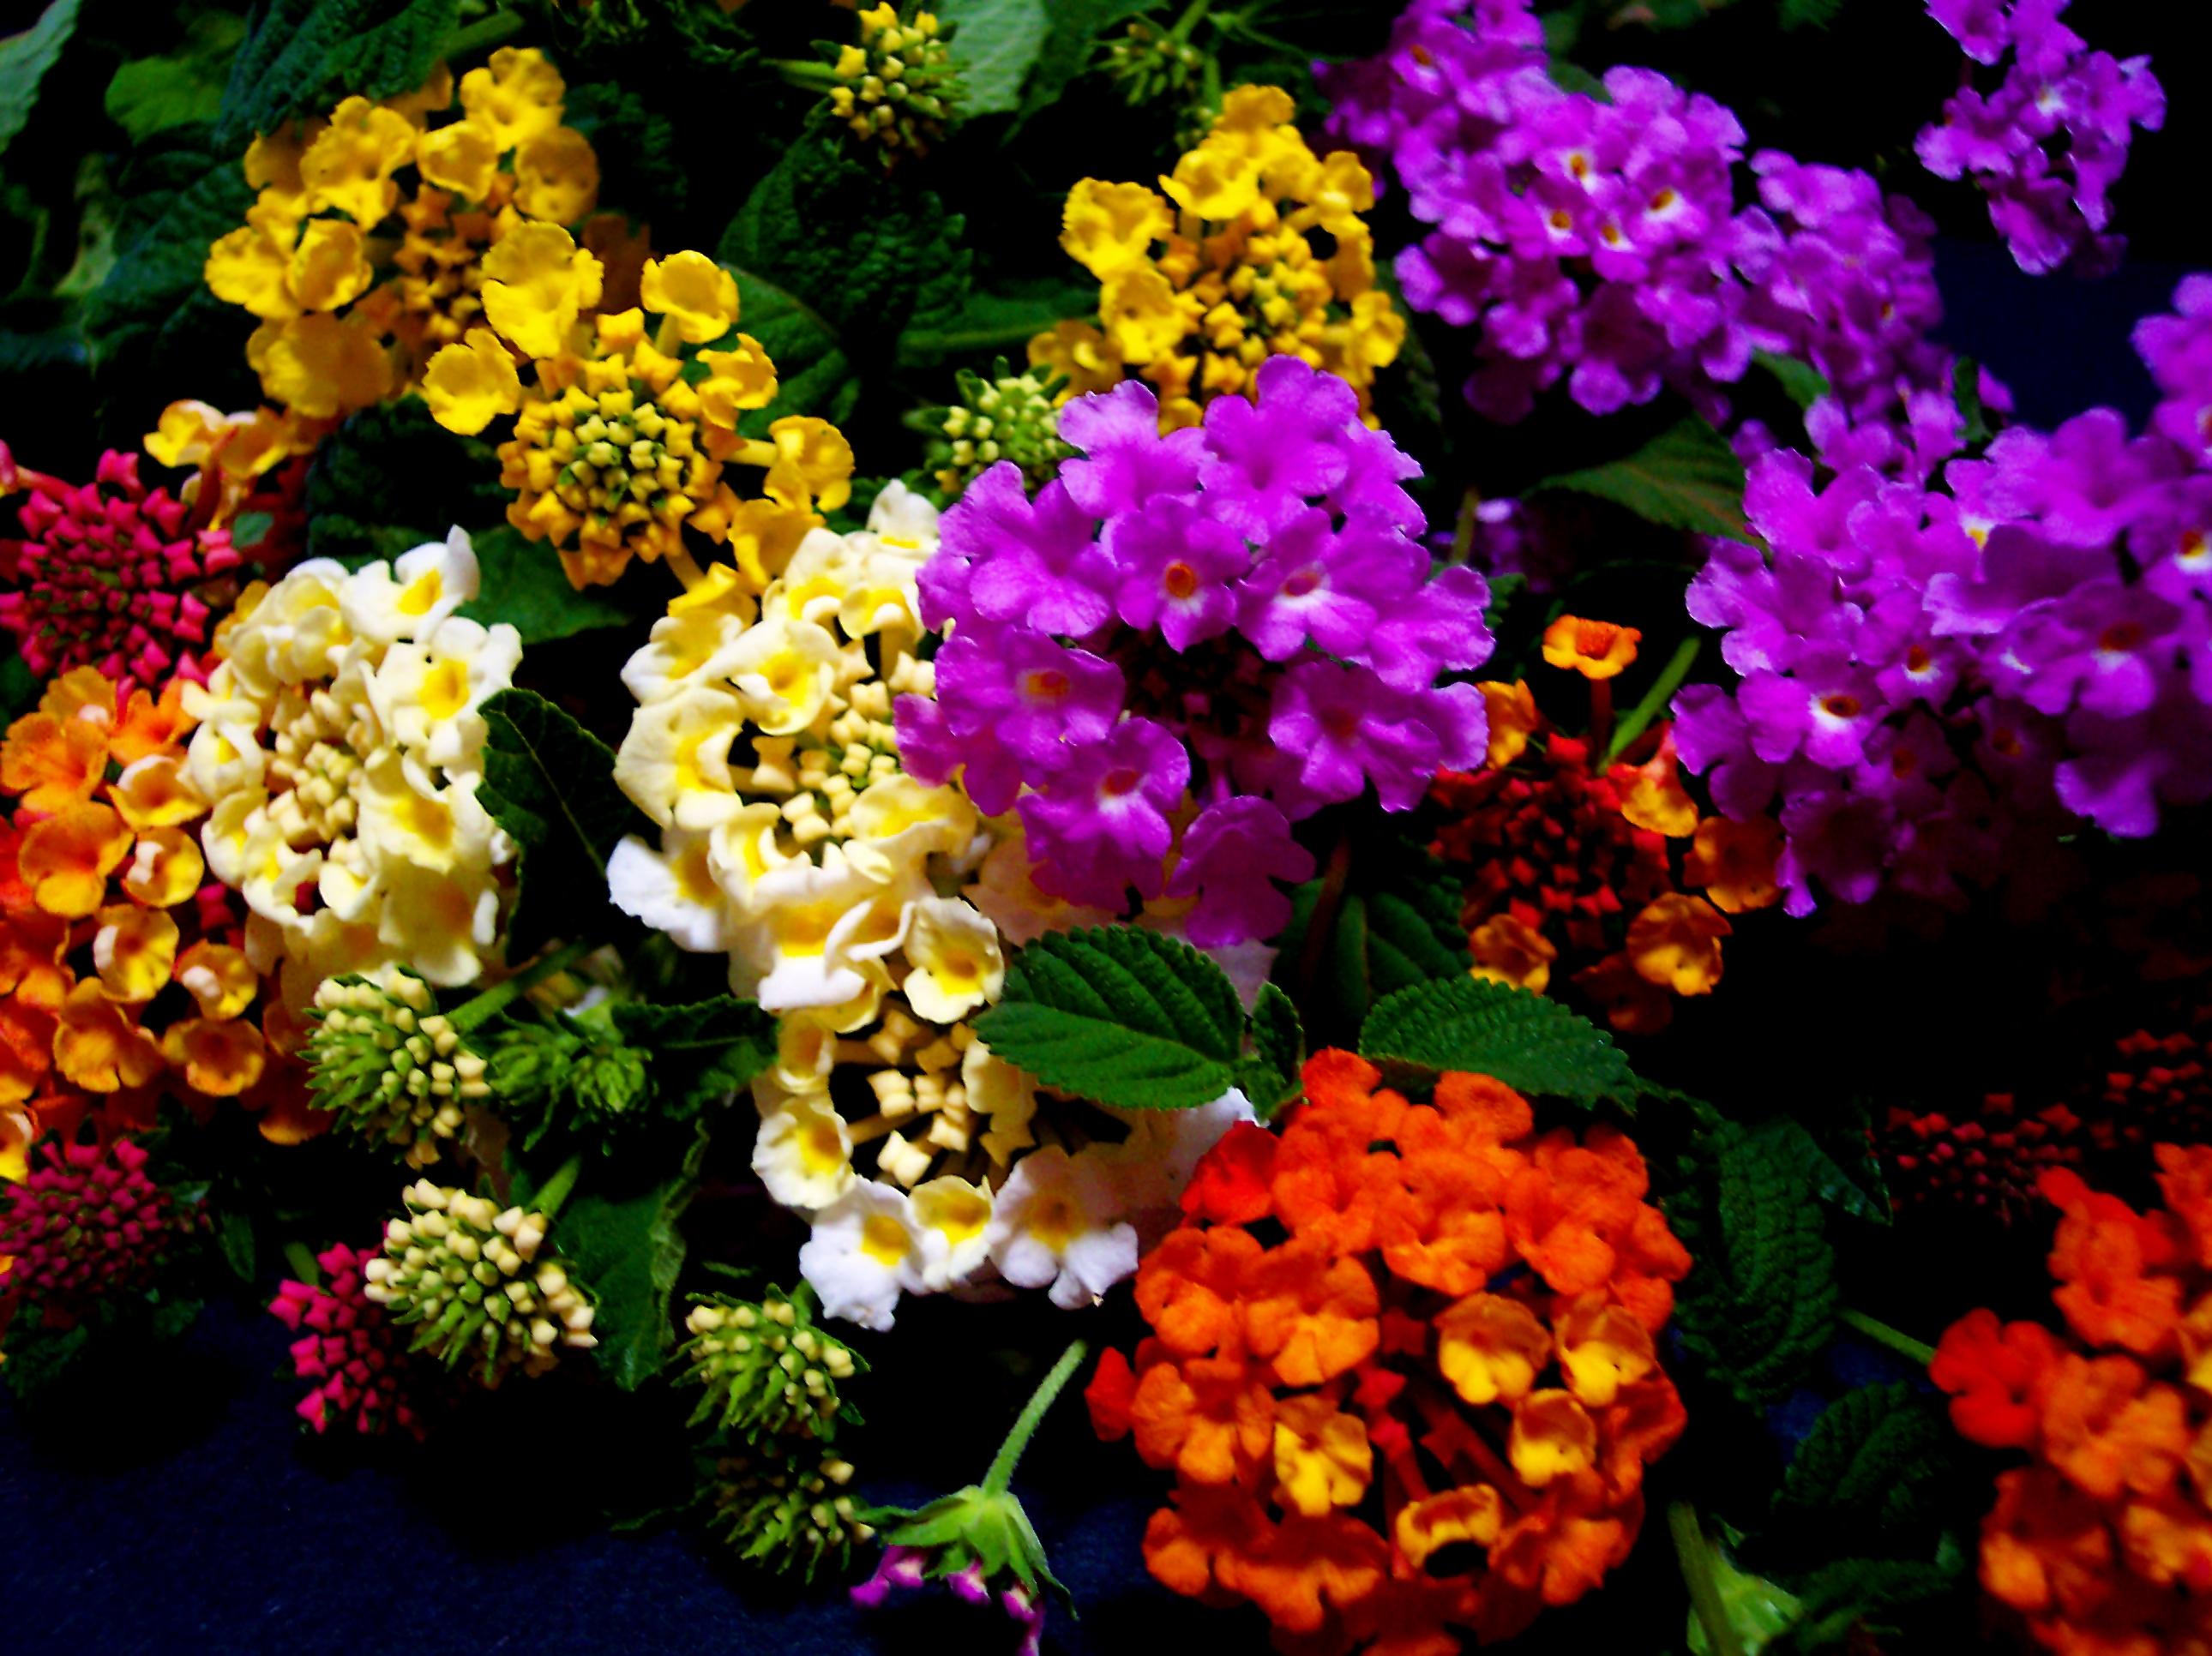 la lantana pianta ornamentale o invasiva giardinaggio